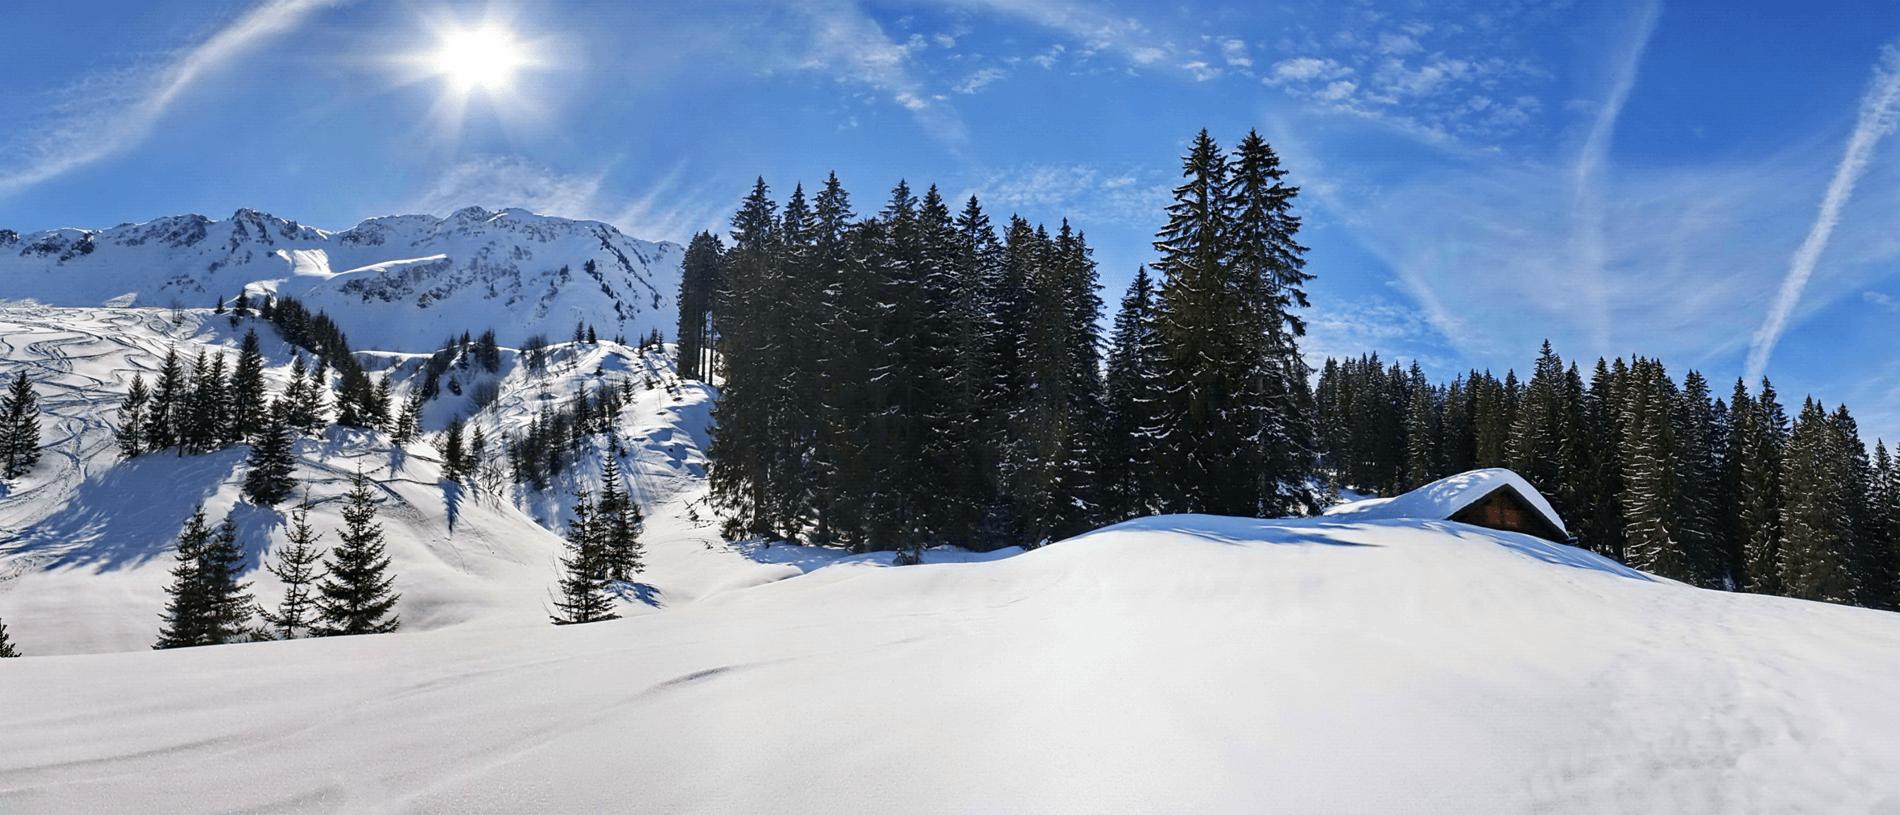 Wintervakantie met begeleiding voor wandelen, langlaufen, sneeuwschoenwandelen of skiën